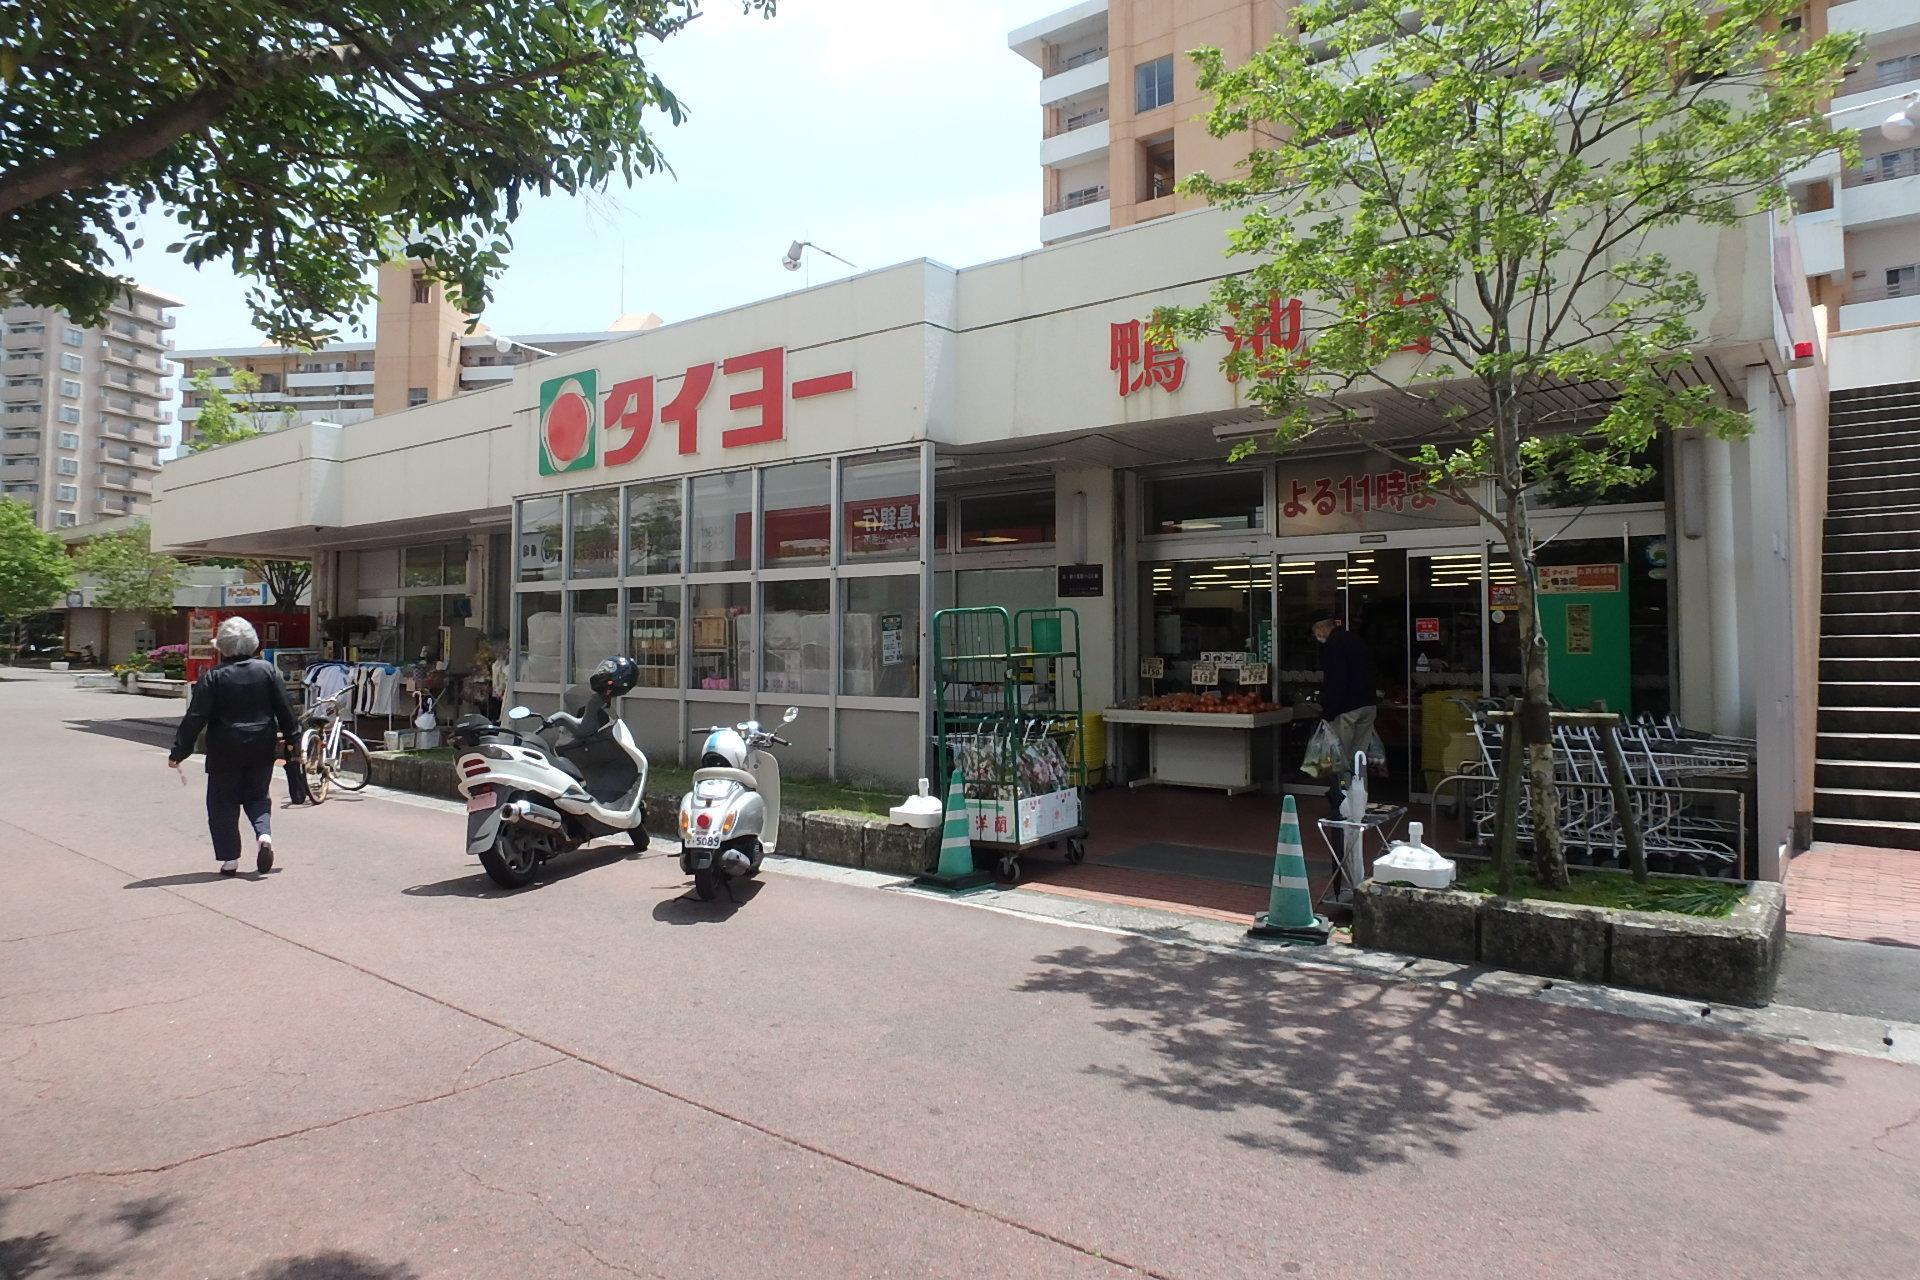 [ショッピング施設] タイヨー鴨池店まで650m